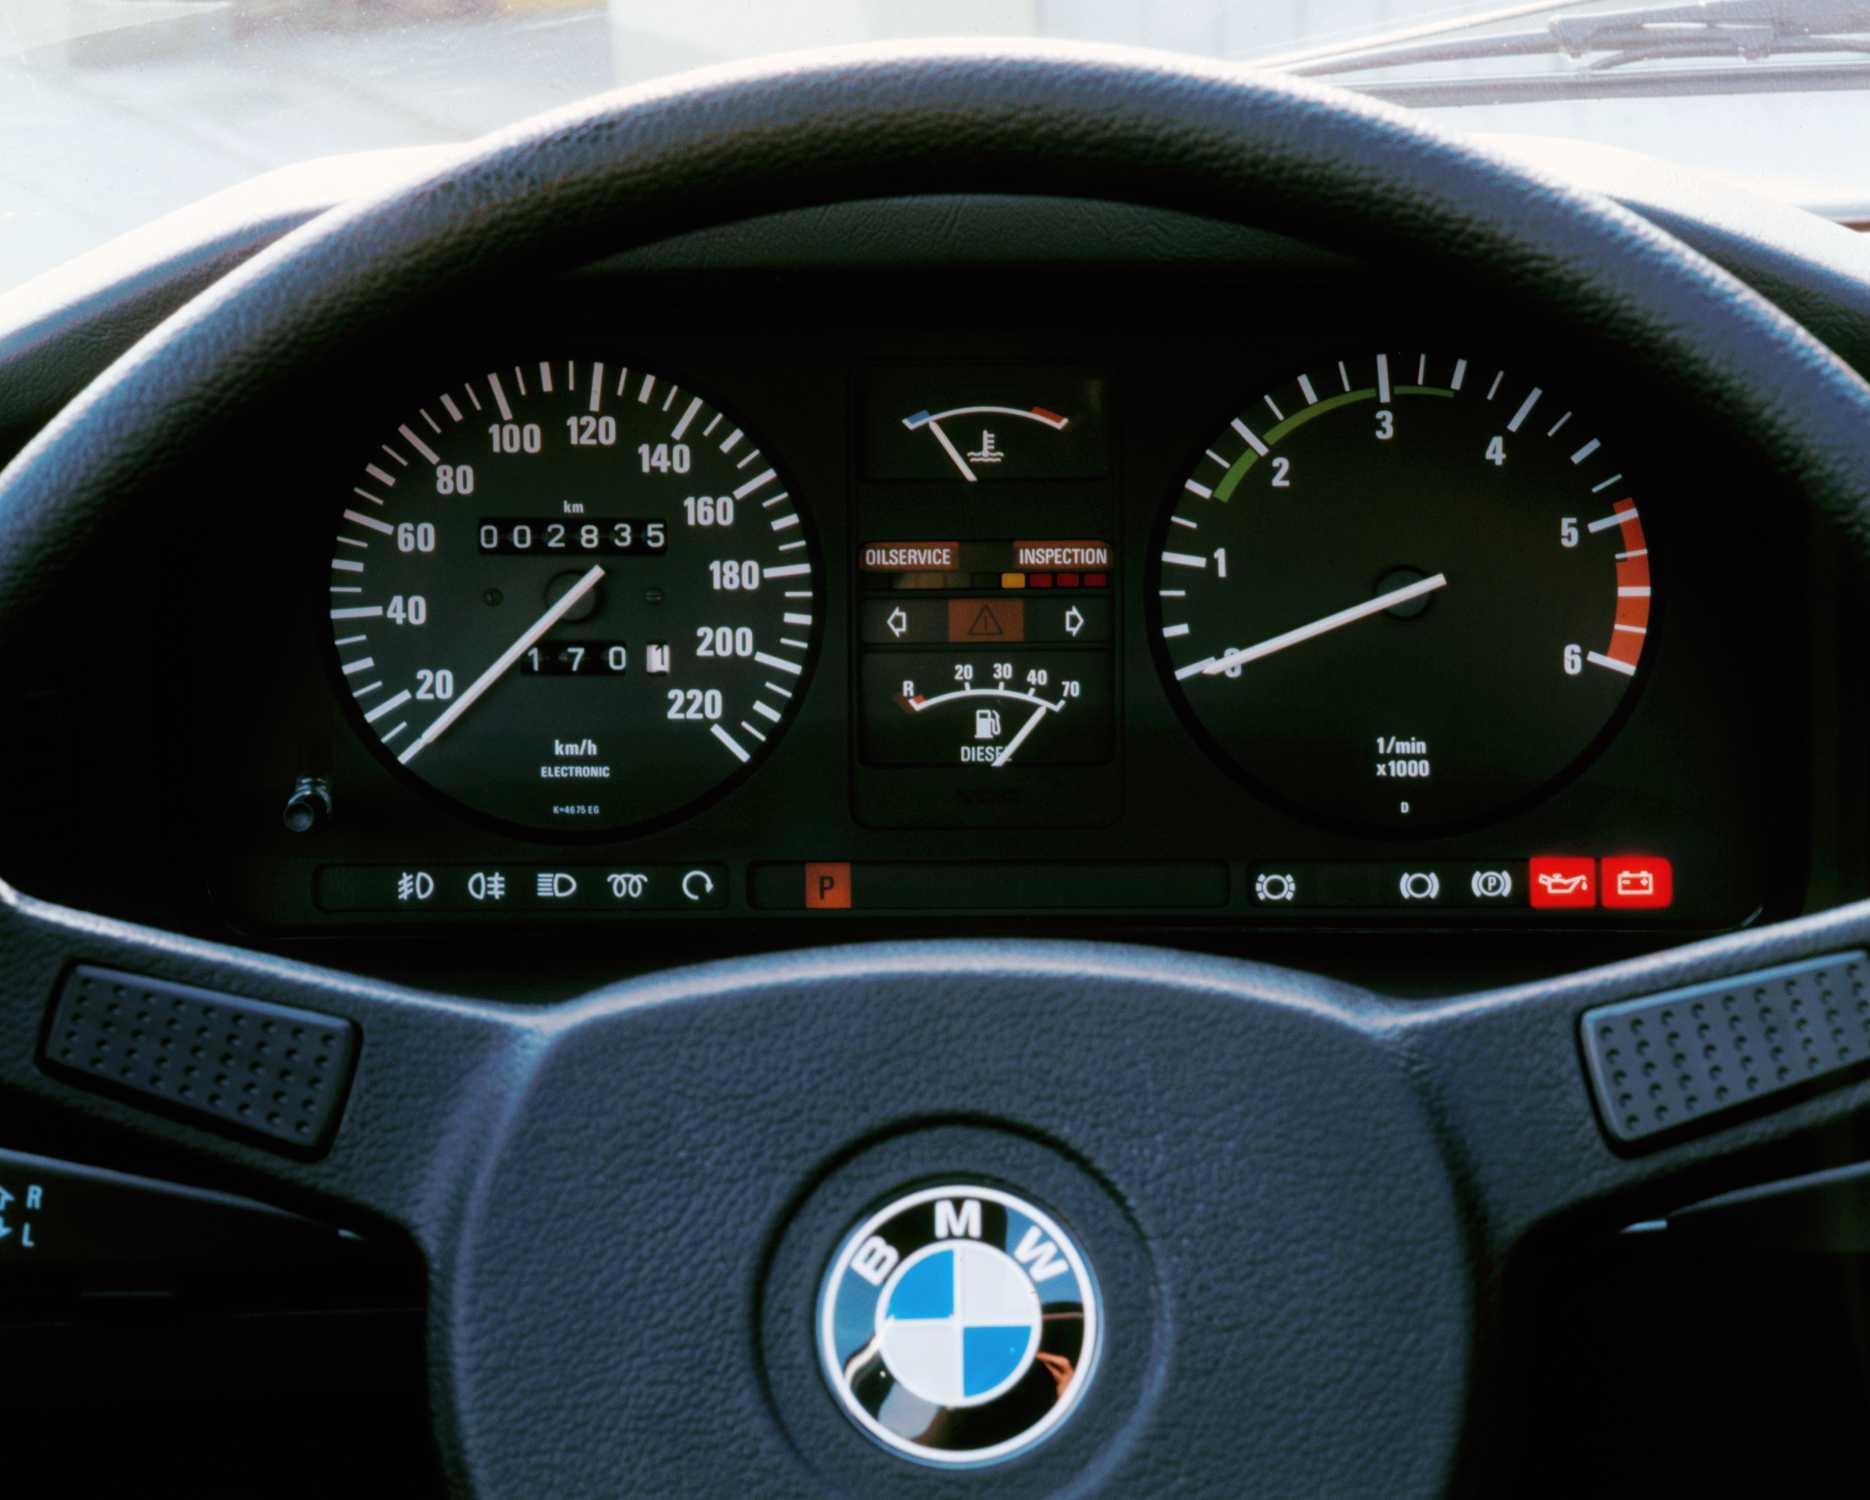 30 years BMW diesel engines, BMW 524td (1983), (07/2013)